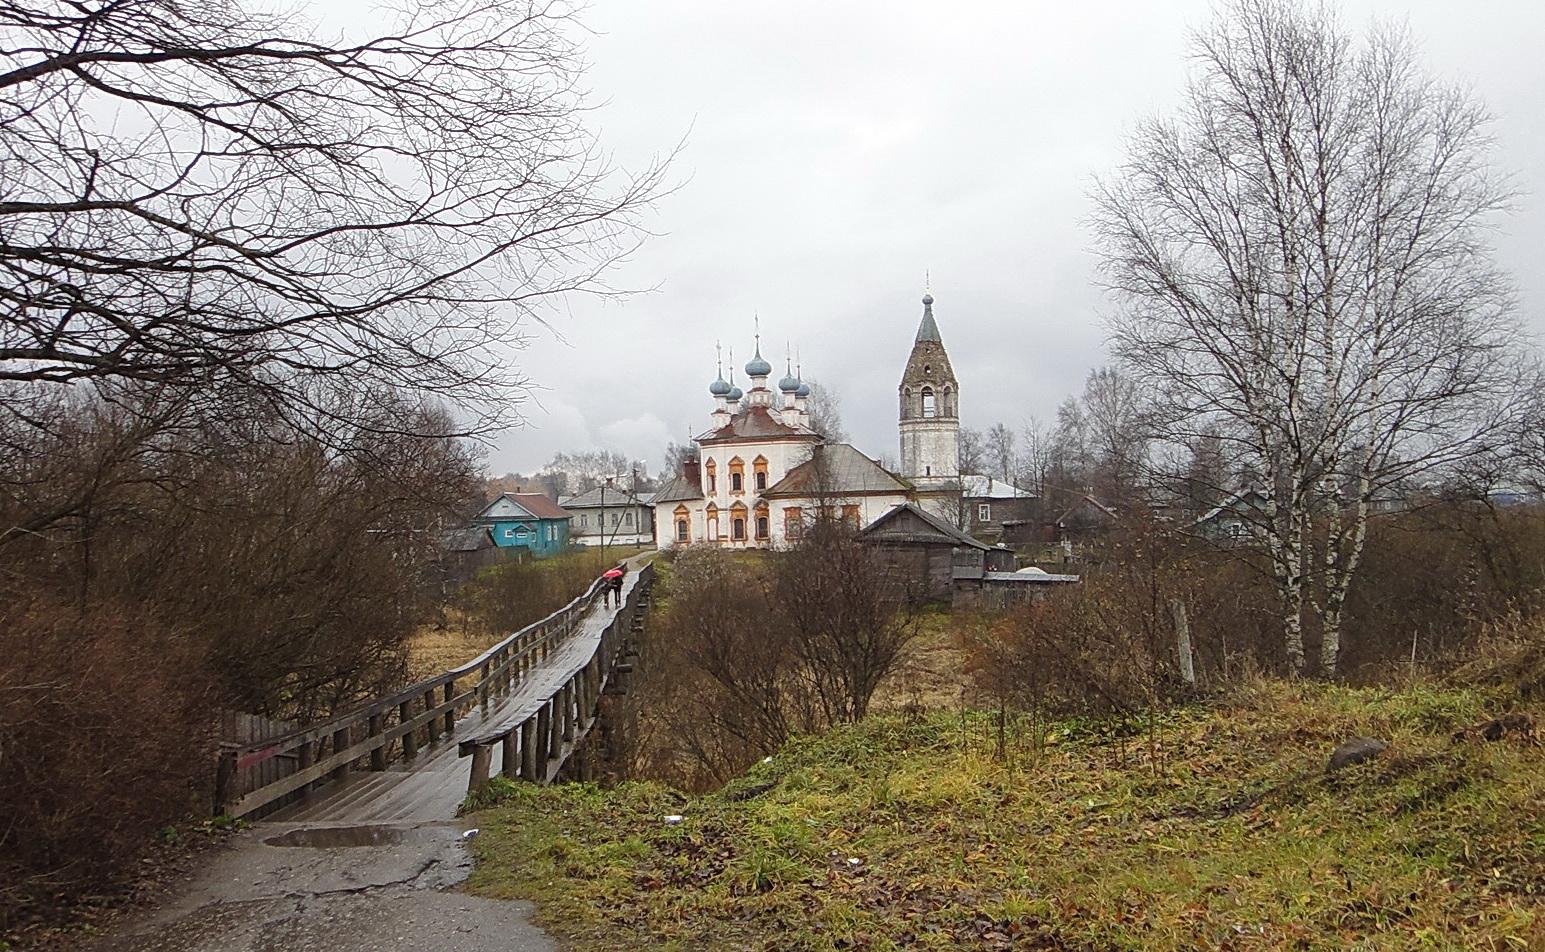 Устюженское городище (Устюжна)